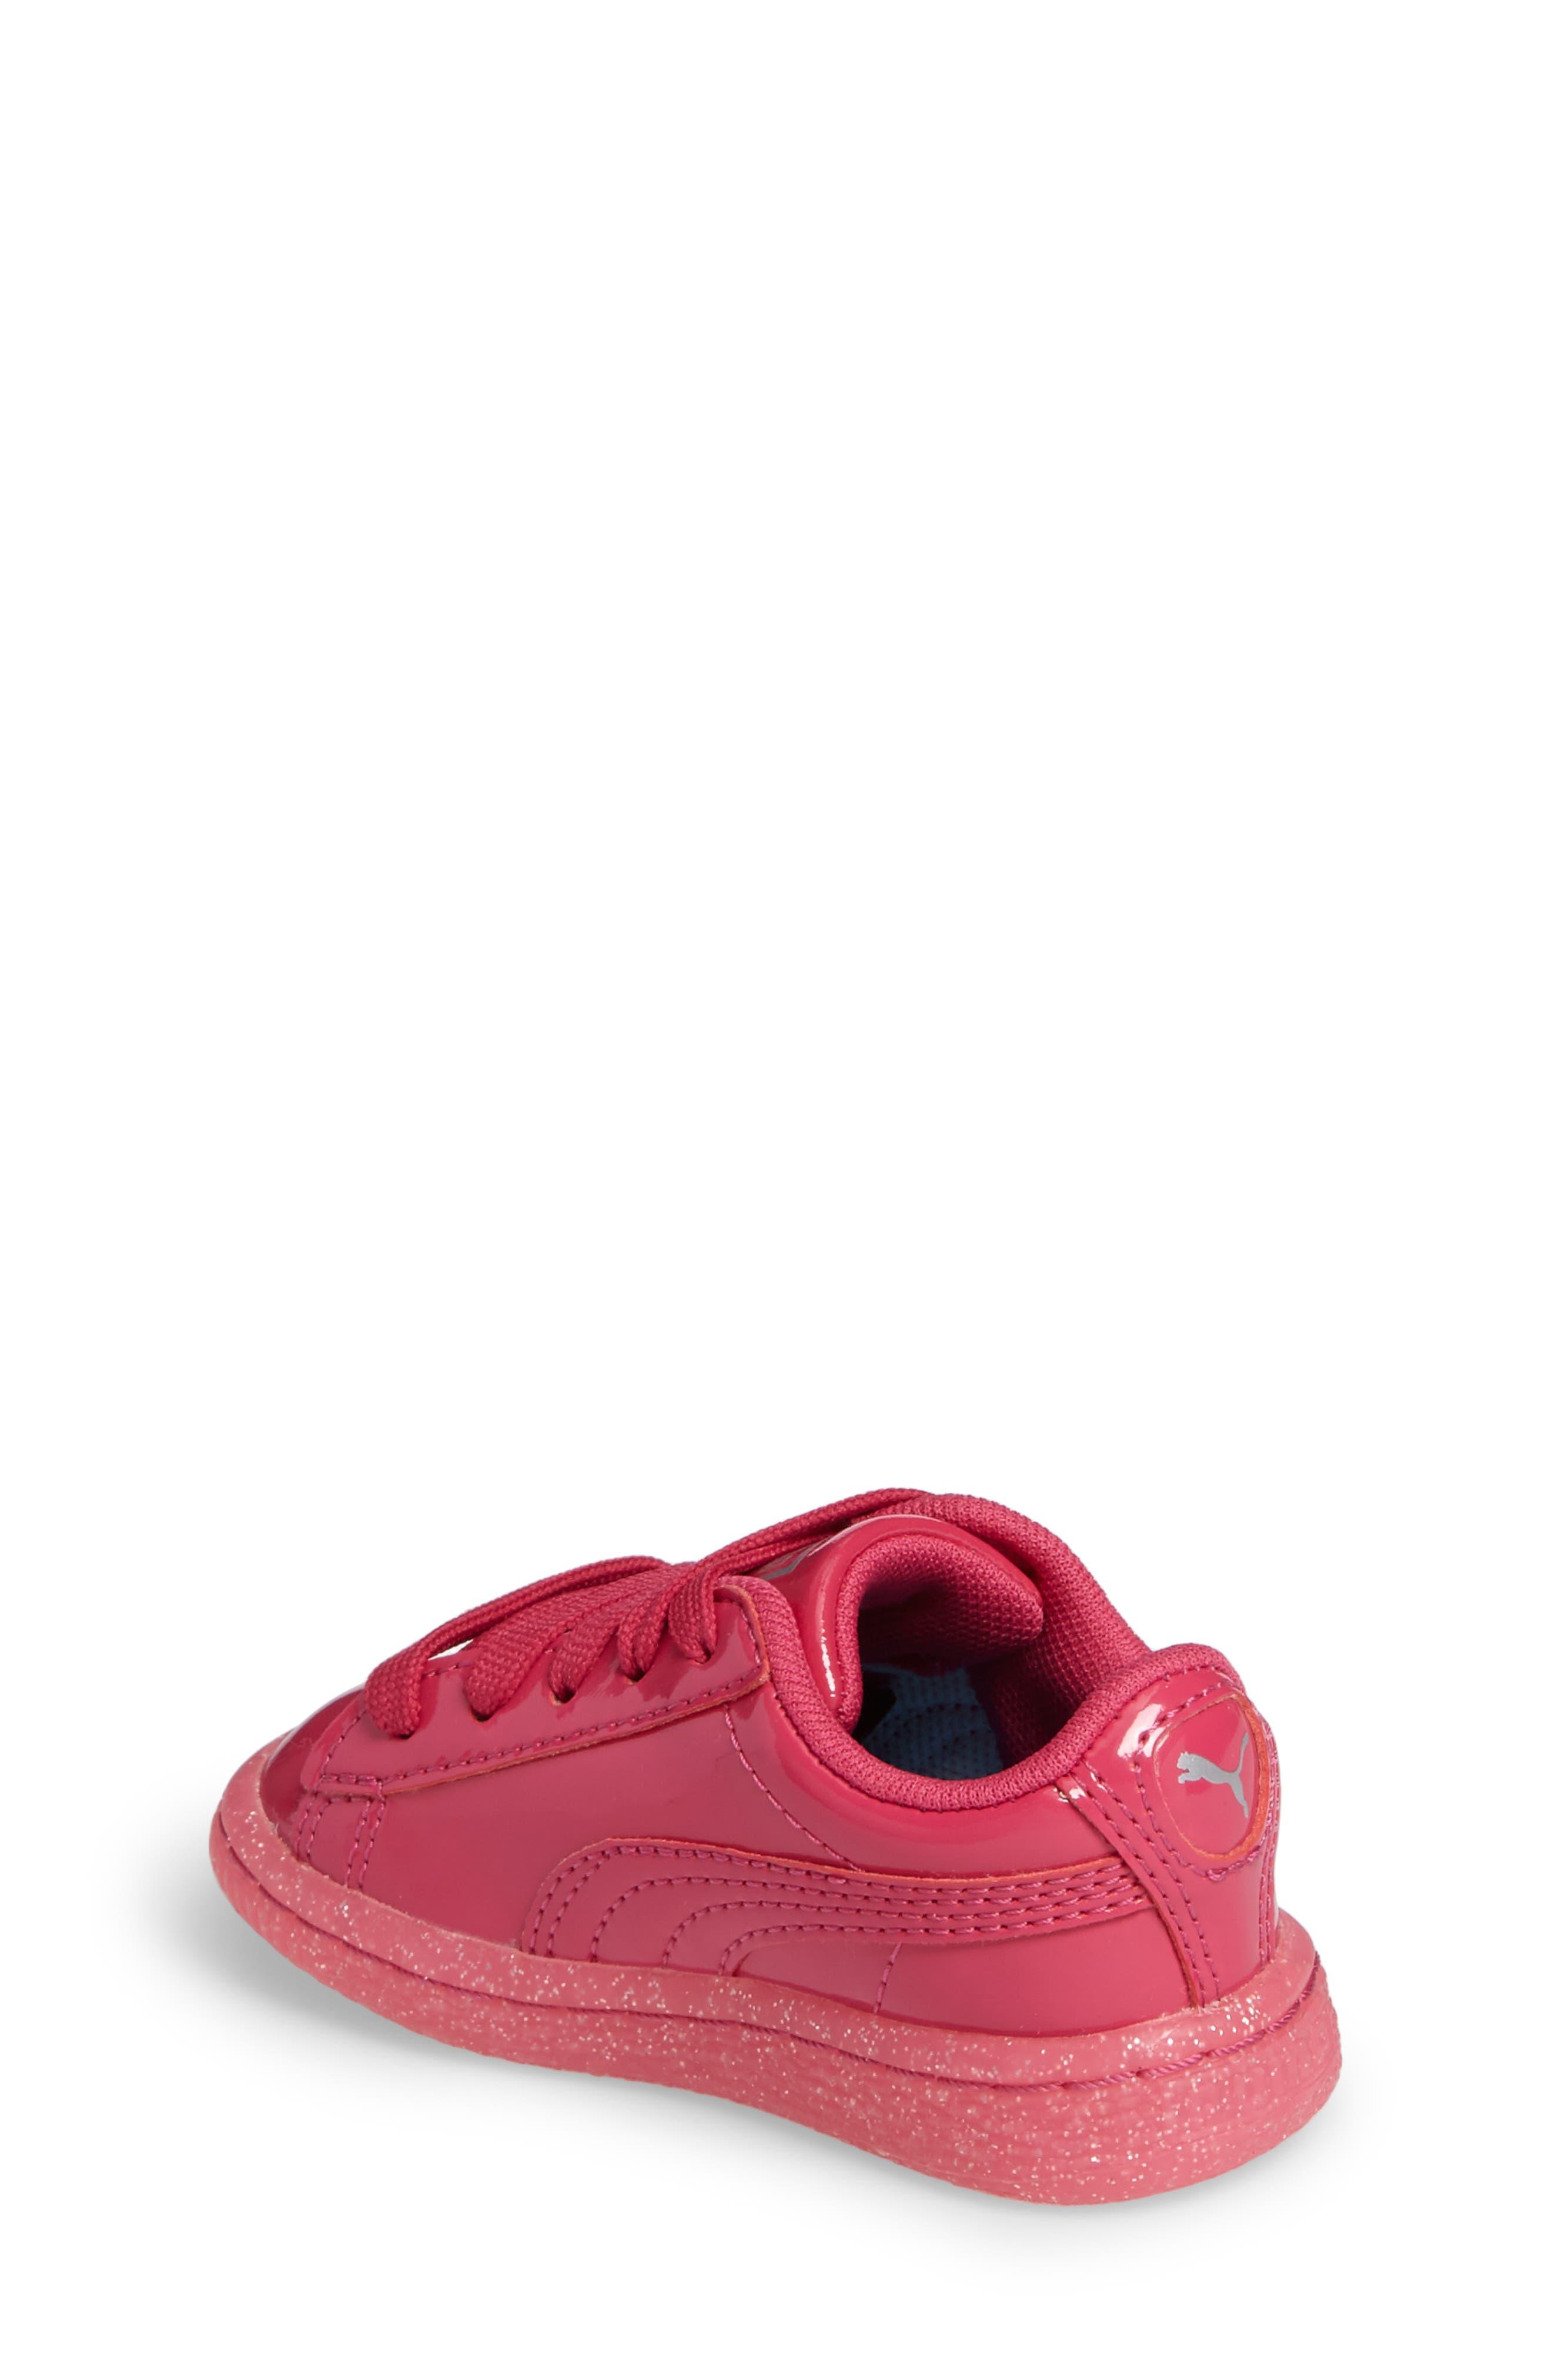 Basket Iced Glitter Sneaker,                             Alternate thumbnail 2, color,                             505